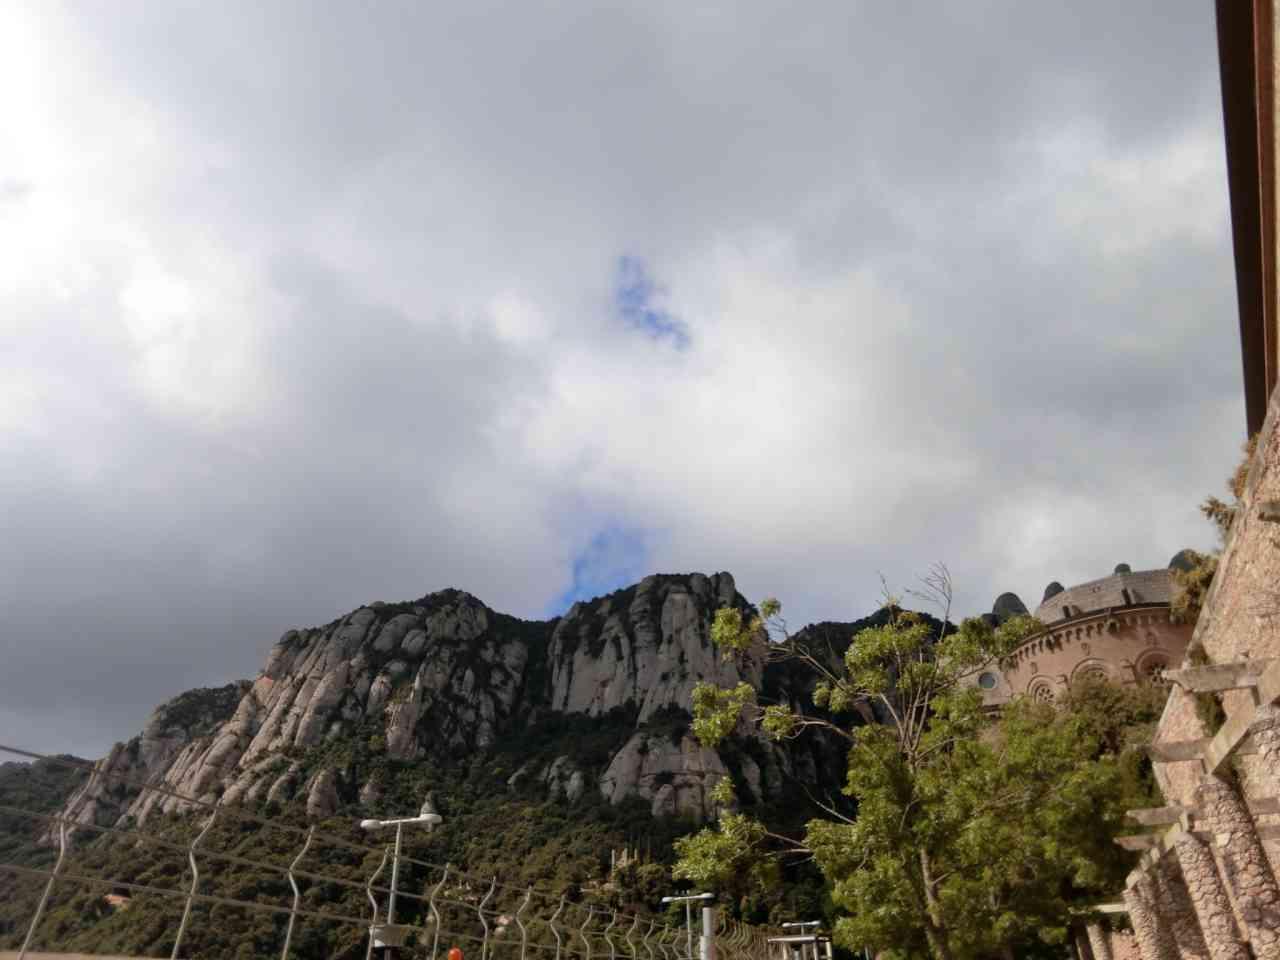 【西班牙 巴塞隆納】蒙特塞拉特聖山Montserrat、修道院